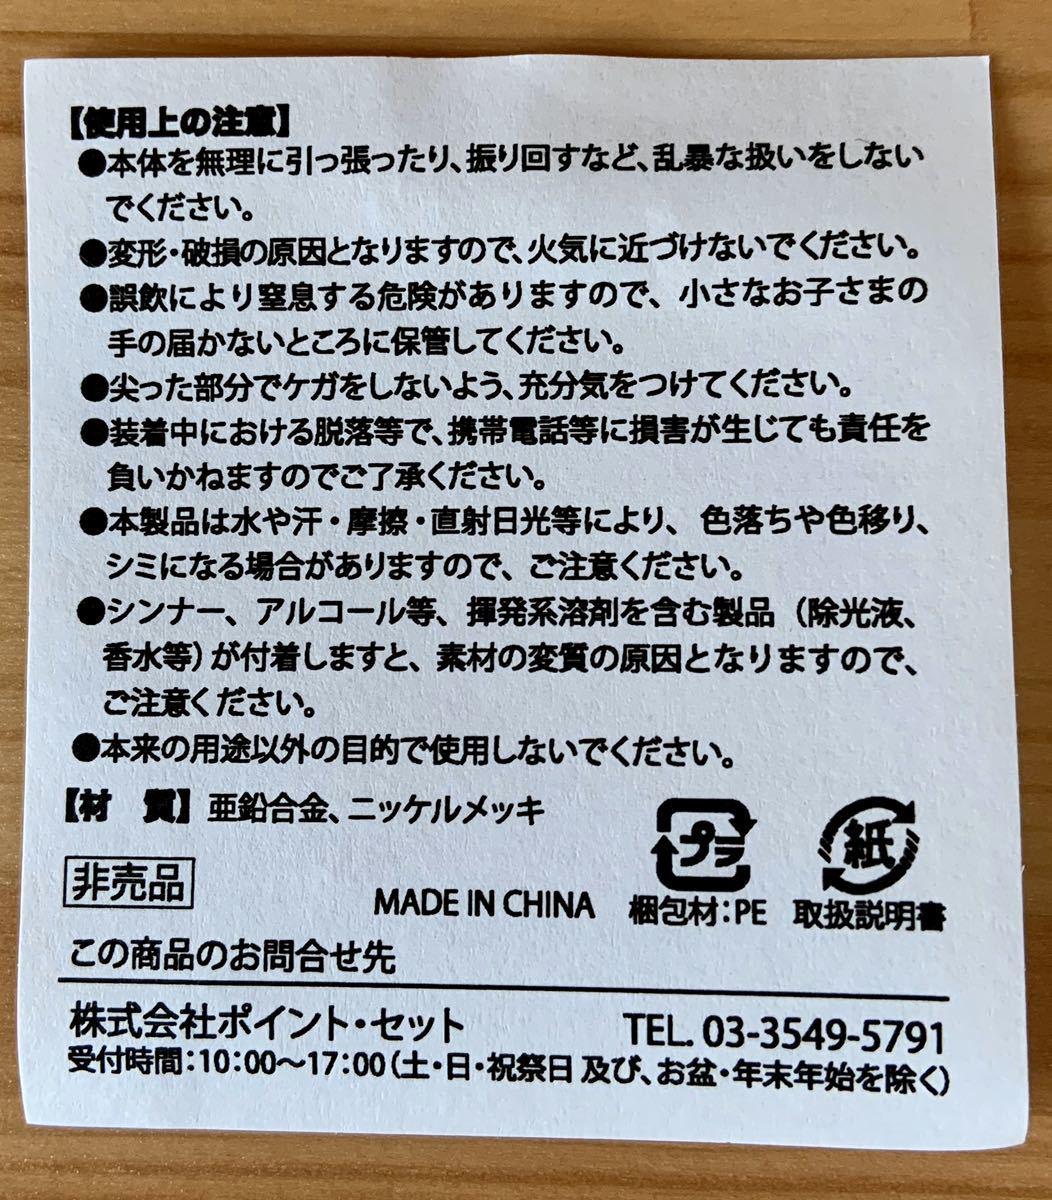 送料無料【未使用】ジャガー JAGUAR XE★キーリング キーホルダー★ノベルティ★非売品_画像3